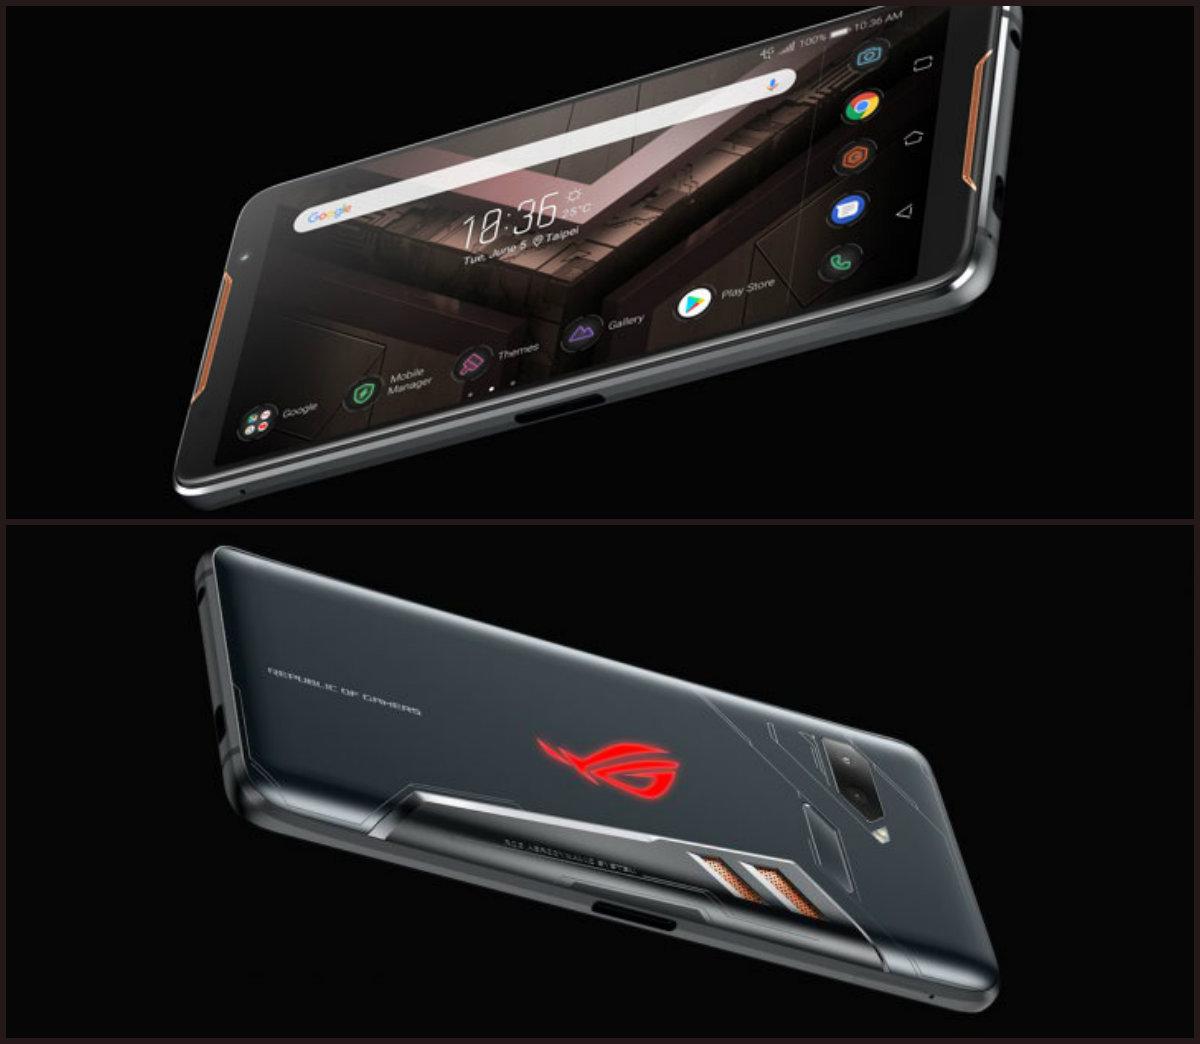 Вид геймерского смартфона Asus ROG